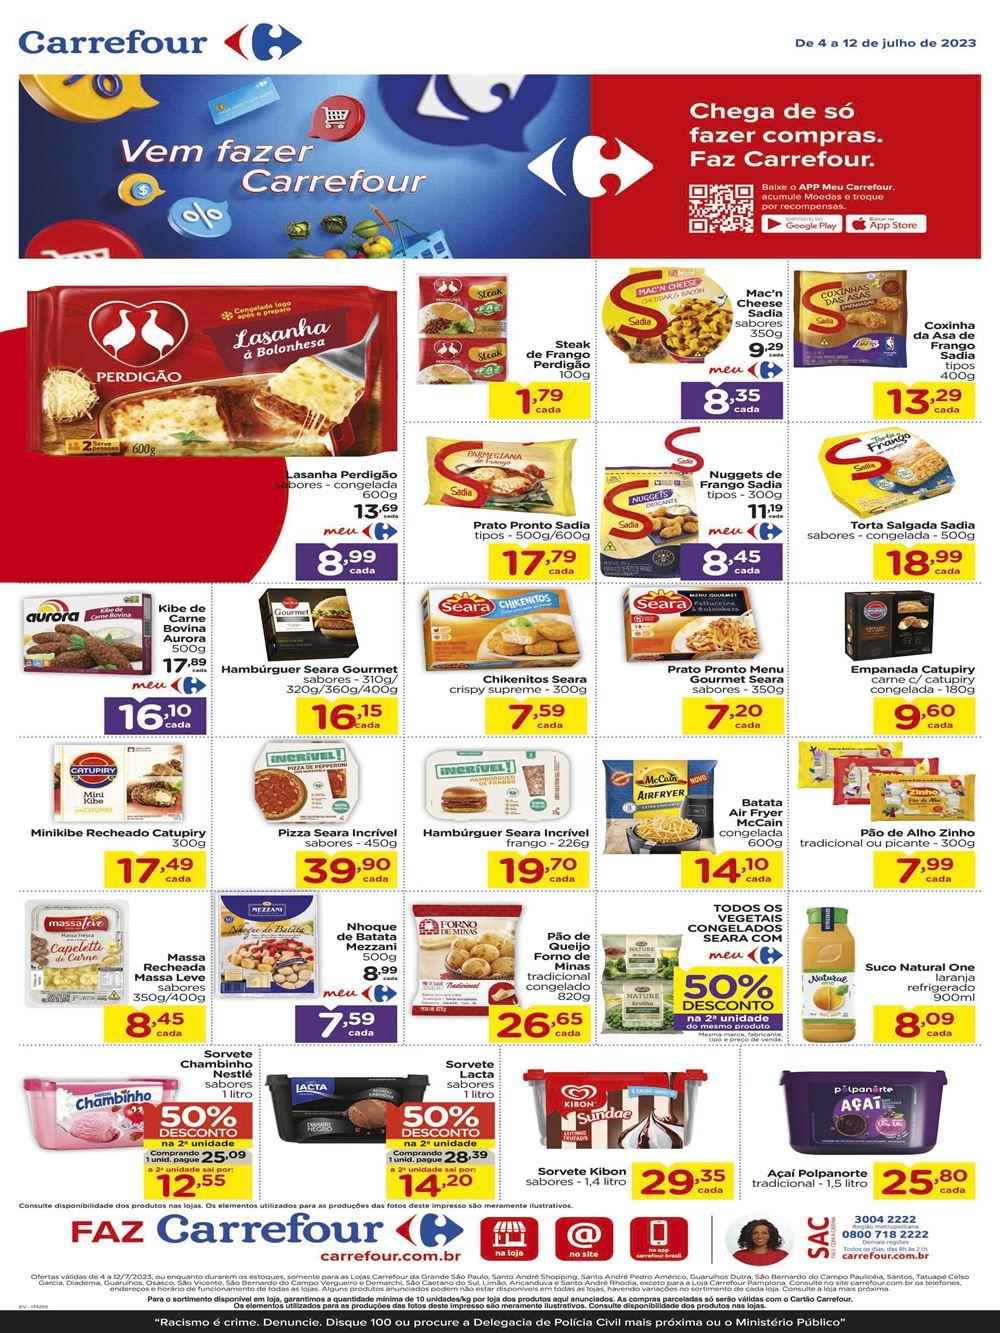 carrefour-ofertas-descontos-hoje5-11 Carrefour até 19/05